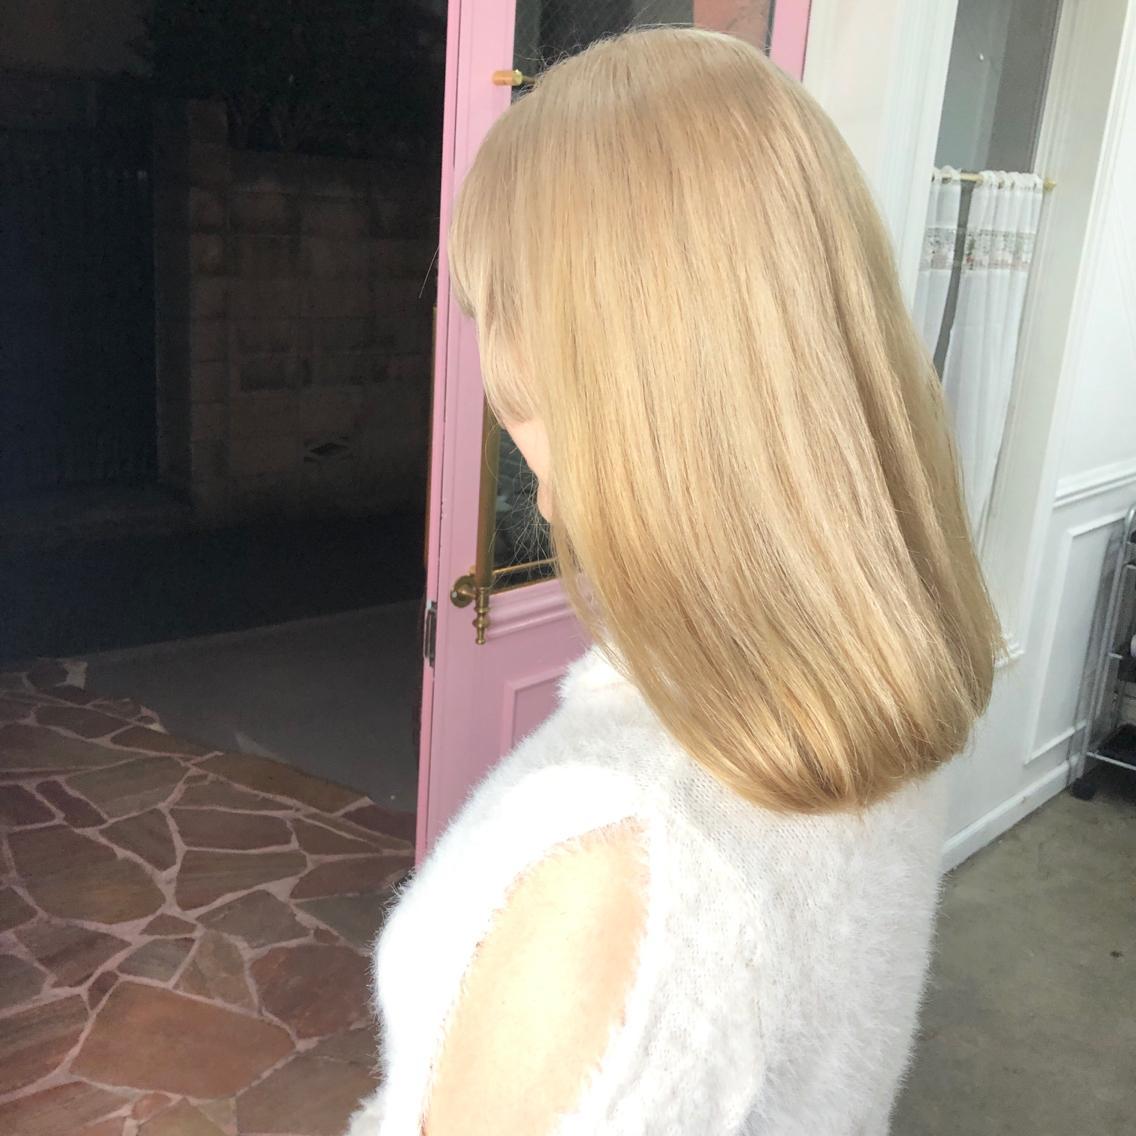 #ミディアム #カラー ・blonde・ ✳︎11000円〜✳︎ ✳︎minaでブリーチ2〜3回出来れば綺麗な綺麗なブロンドヘアを作れます👻 ✳︎ ✳︎ダメージが強いとブリーチが出来ない場合もあるのでご了承ください ✳︎ムラシャンはエンシェールズのシャンプーを薄めて使うのがオススメ🧖🏻♀️ ✳︎ ✳︎黒染めや縮毛、デジパをしていなくてダメージが強い場合は難しい事もございます!✳︎ 最後まで可愛く仕上げます🇰🇷 ✳︎ お店の近くにあるティファニーカフェで映えな写真もプレゼントします🦄 ✳︎ ✳  #原宿#ハイトーンカラー#シルバーカラー#ヘアカラー#ネイビーカラー#ホワイトカラー#ブロンドヘアー#アッシュ#ケアブリーチ#ブロンドカラー#派手髪#ラベンダーカラー#ミルクティーカラー#アッシュ#ミルクティーベージュ#ブルージュ#グレージュ#ピンクカラー#インナーカラー#ハイライトカラー#グラデーションカラー#bts#seventeen#twice ✳︎ ✳︎ ✳︎